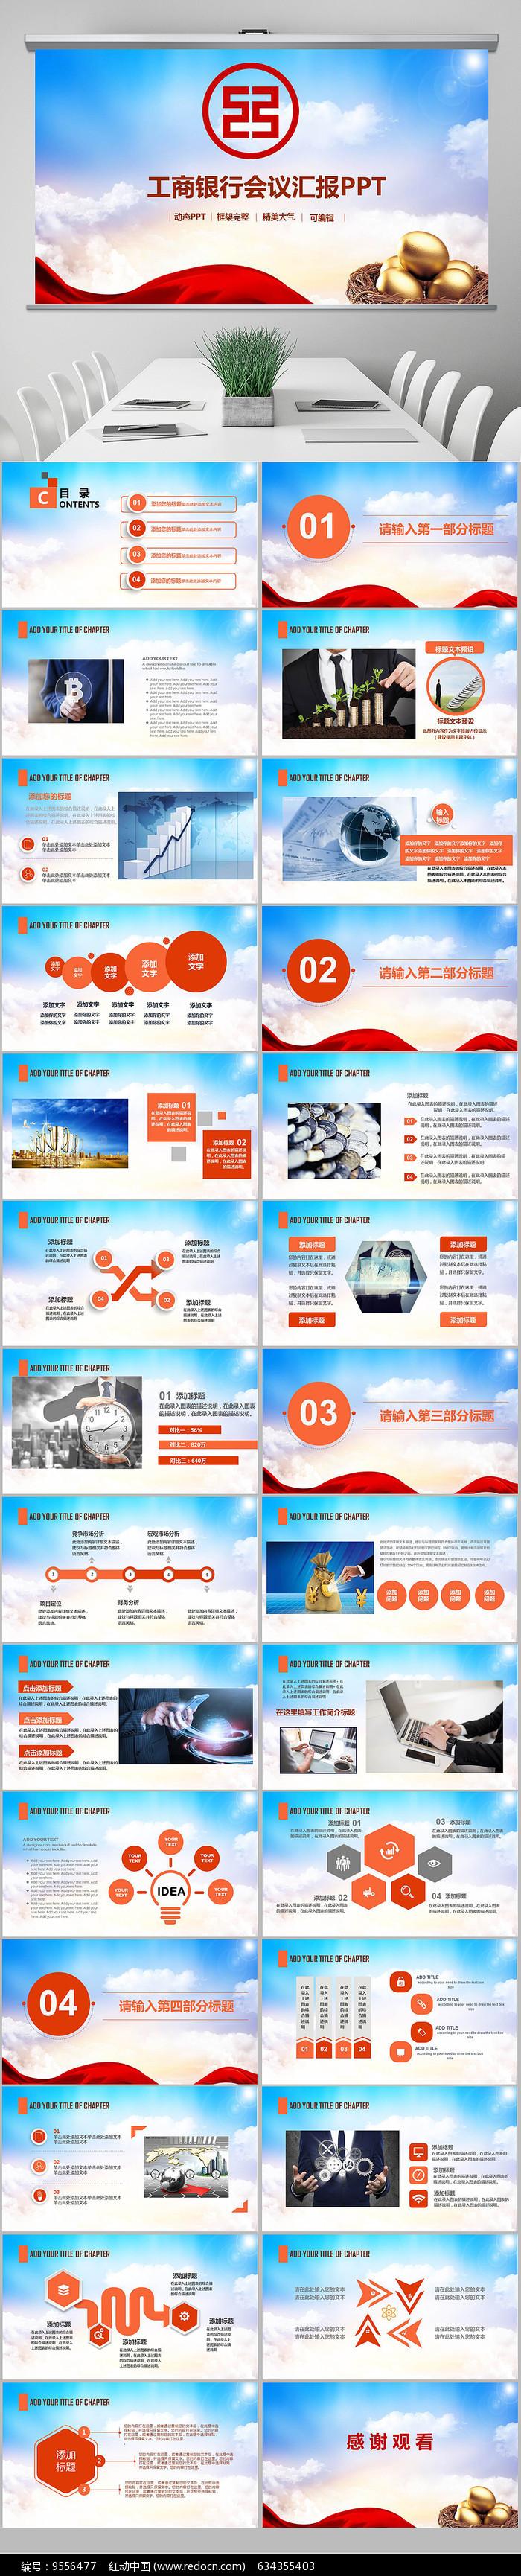 微立体中国工商银行工行PPT图片